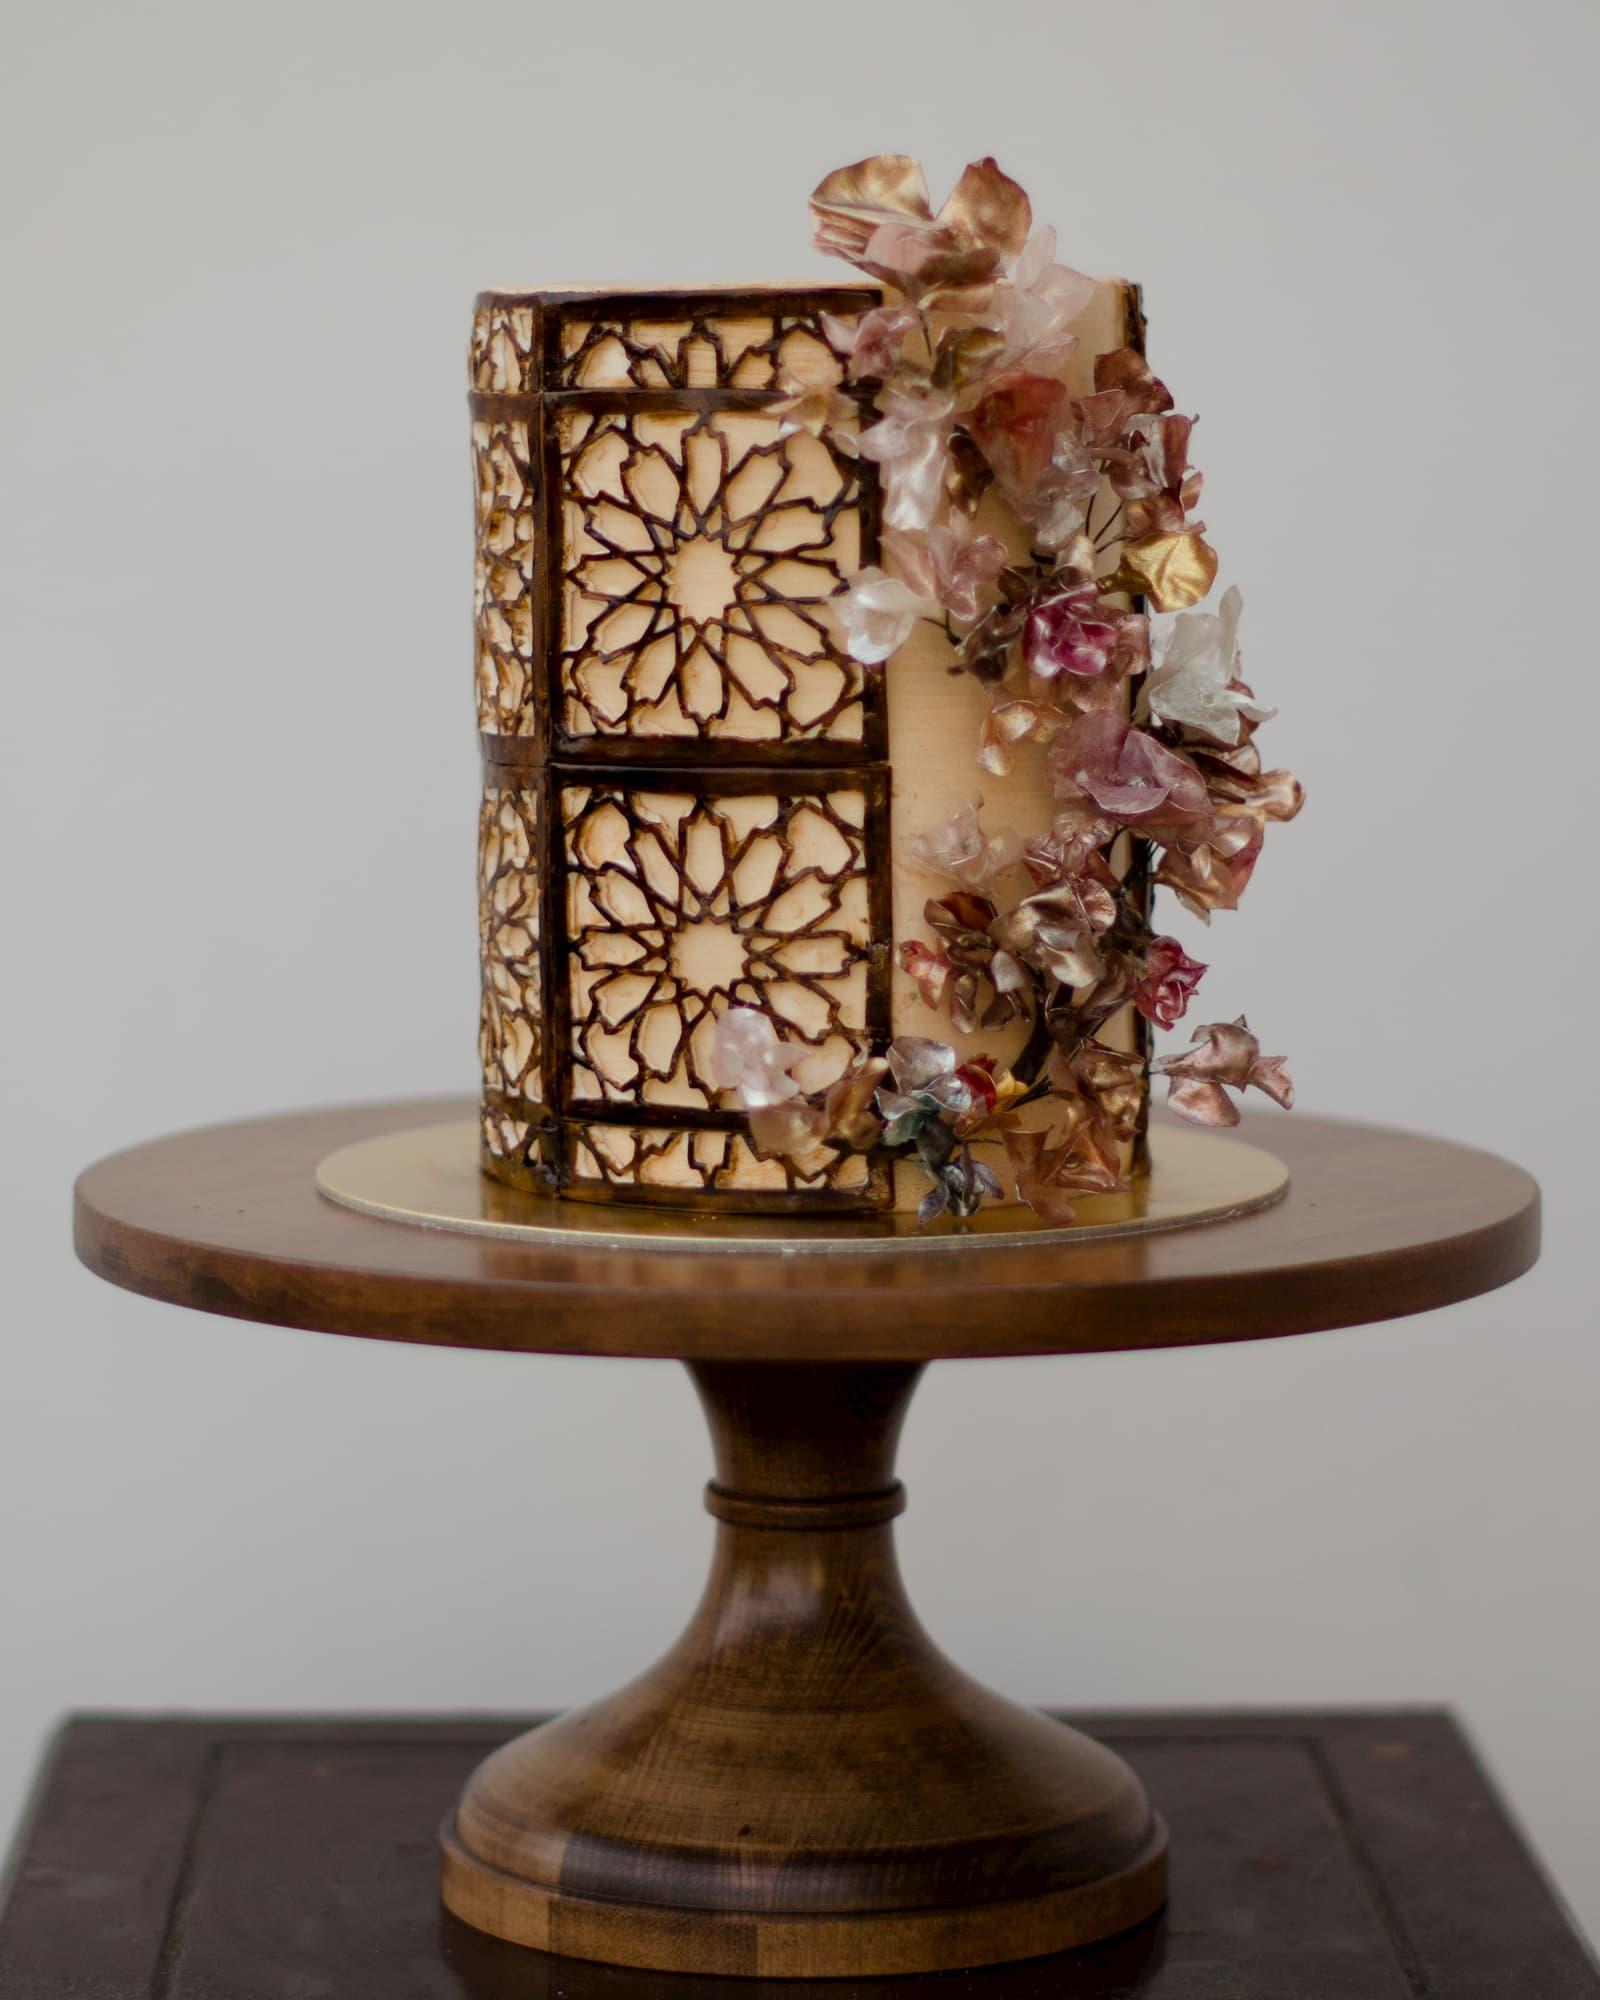 Roseraé Cakes Moroccan